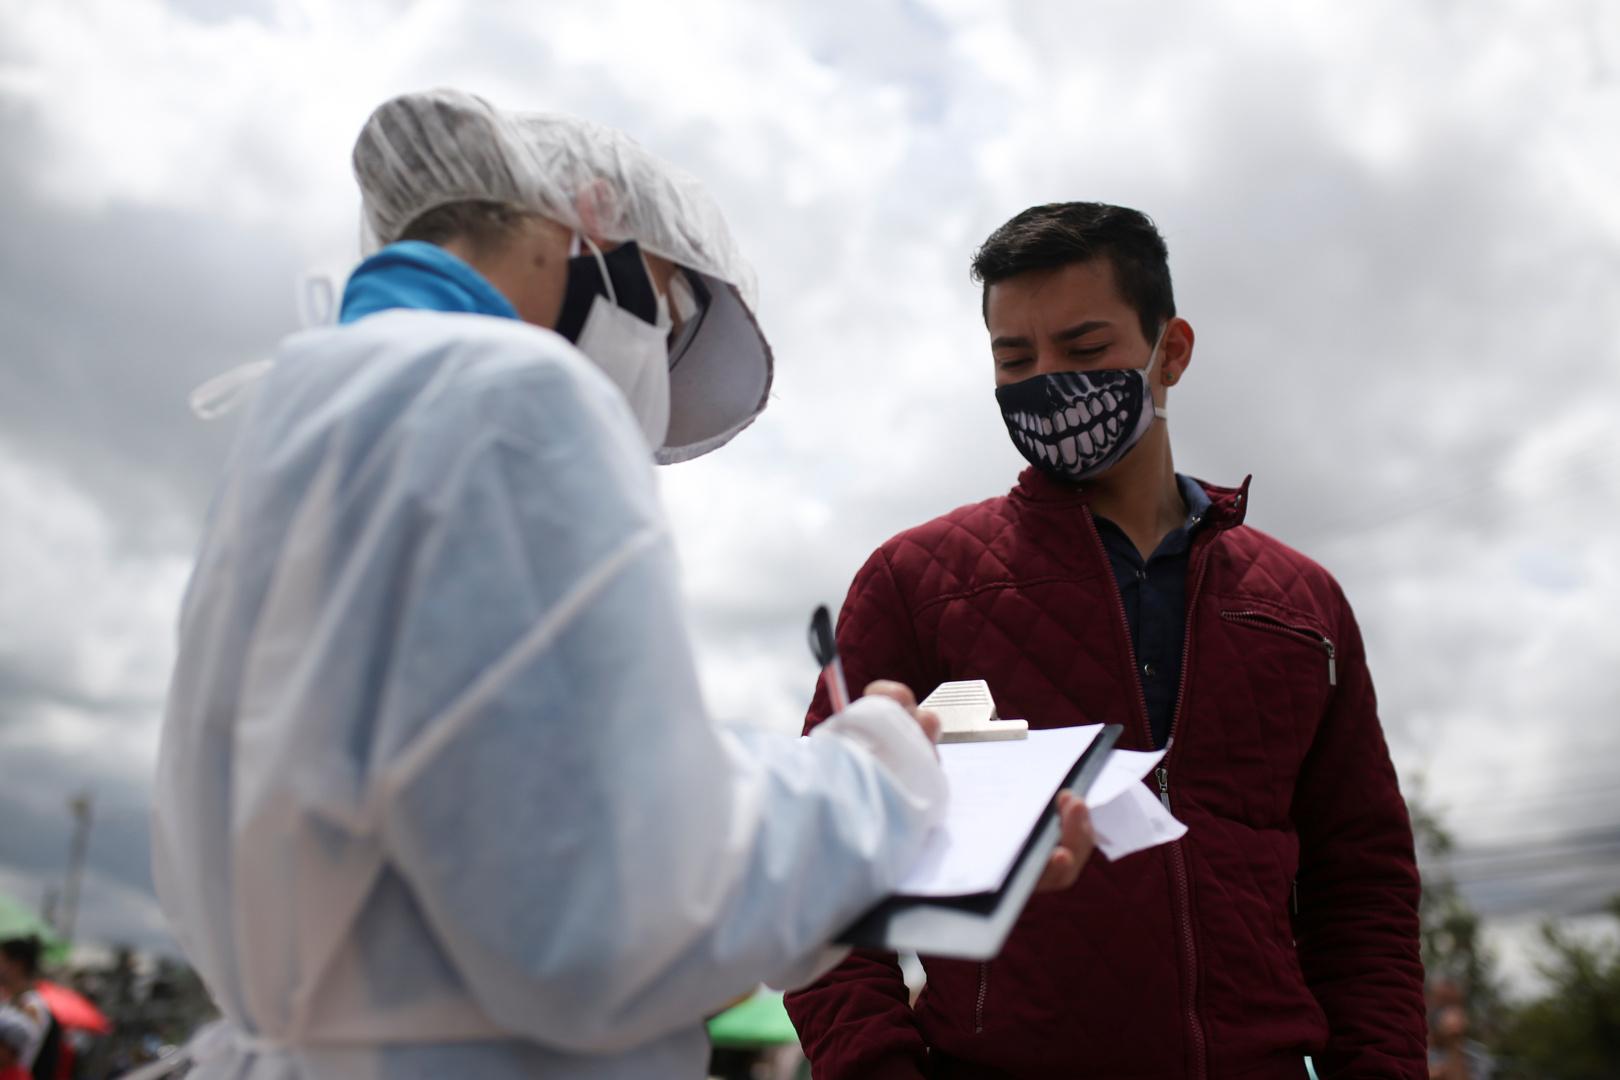 كولومبيا.. إصابات كورونا تتجاوز عتبة الـ 100 ألف حالة